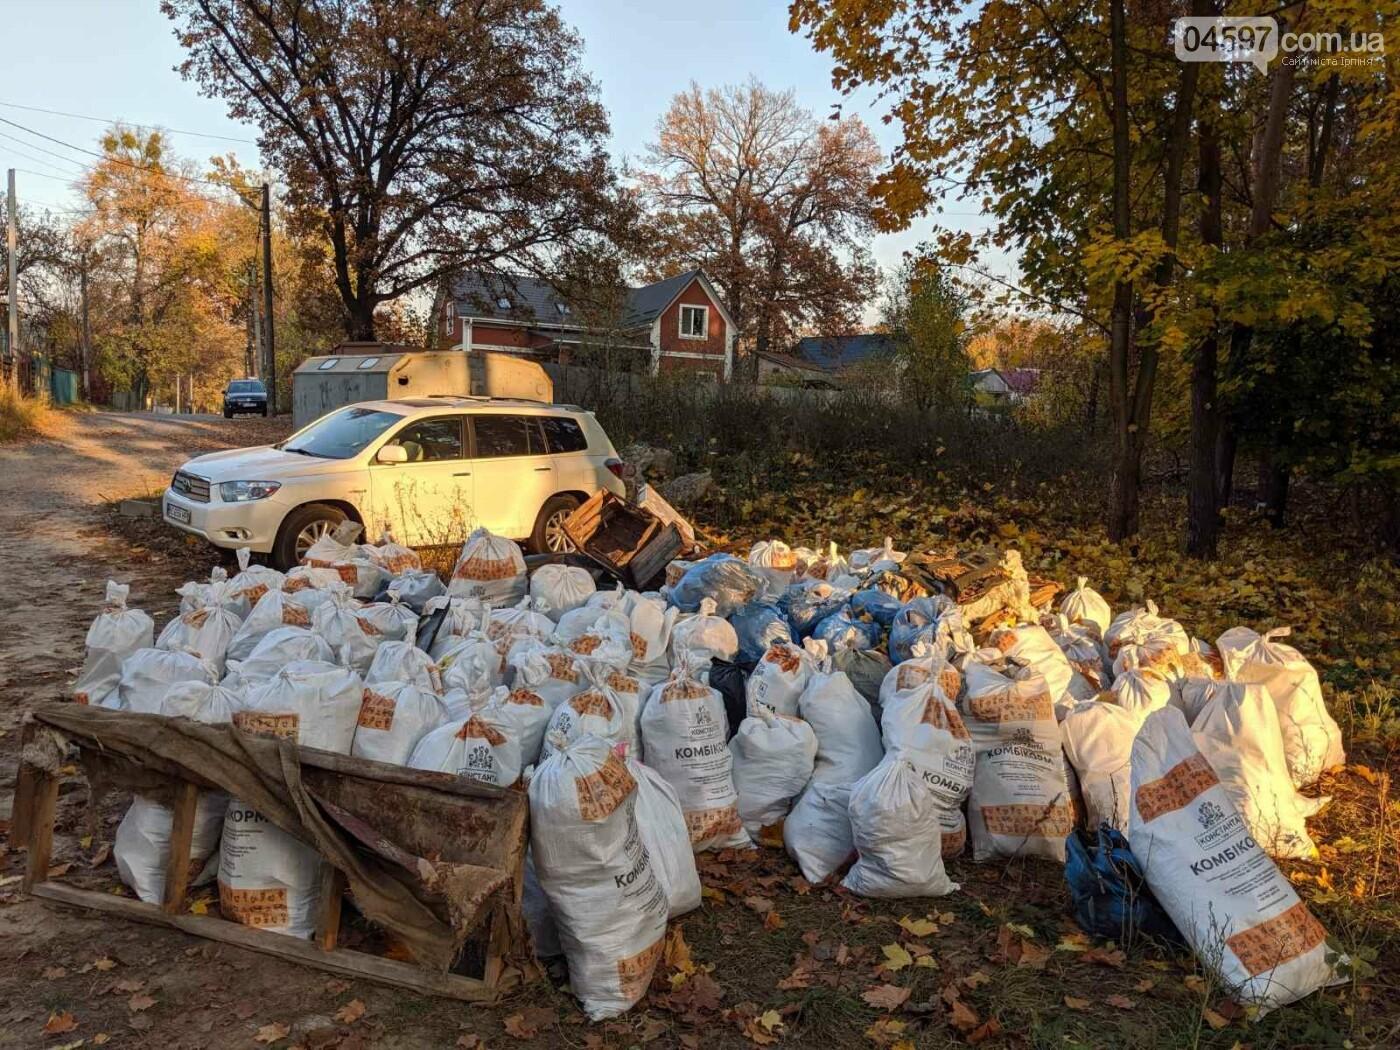 Ірпінчани рятують ліс: вивезли понад 100 мішків сміття, фото-4